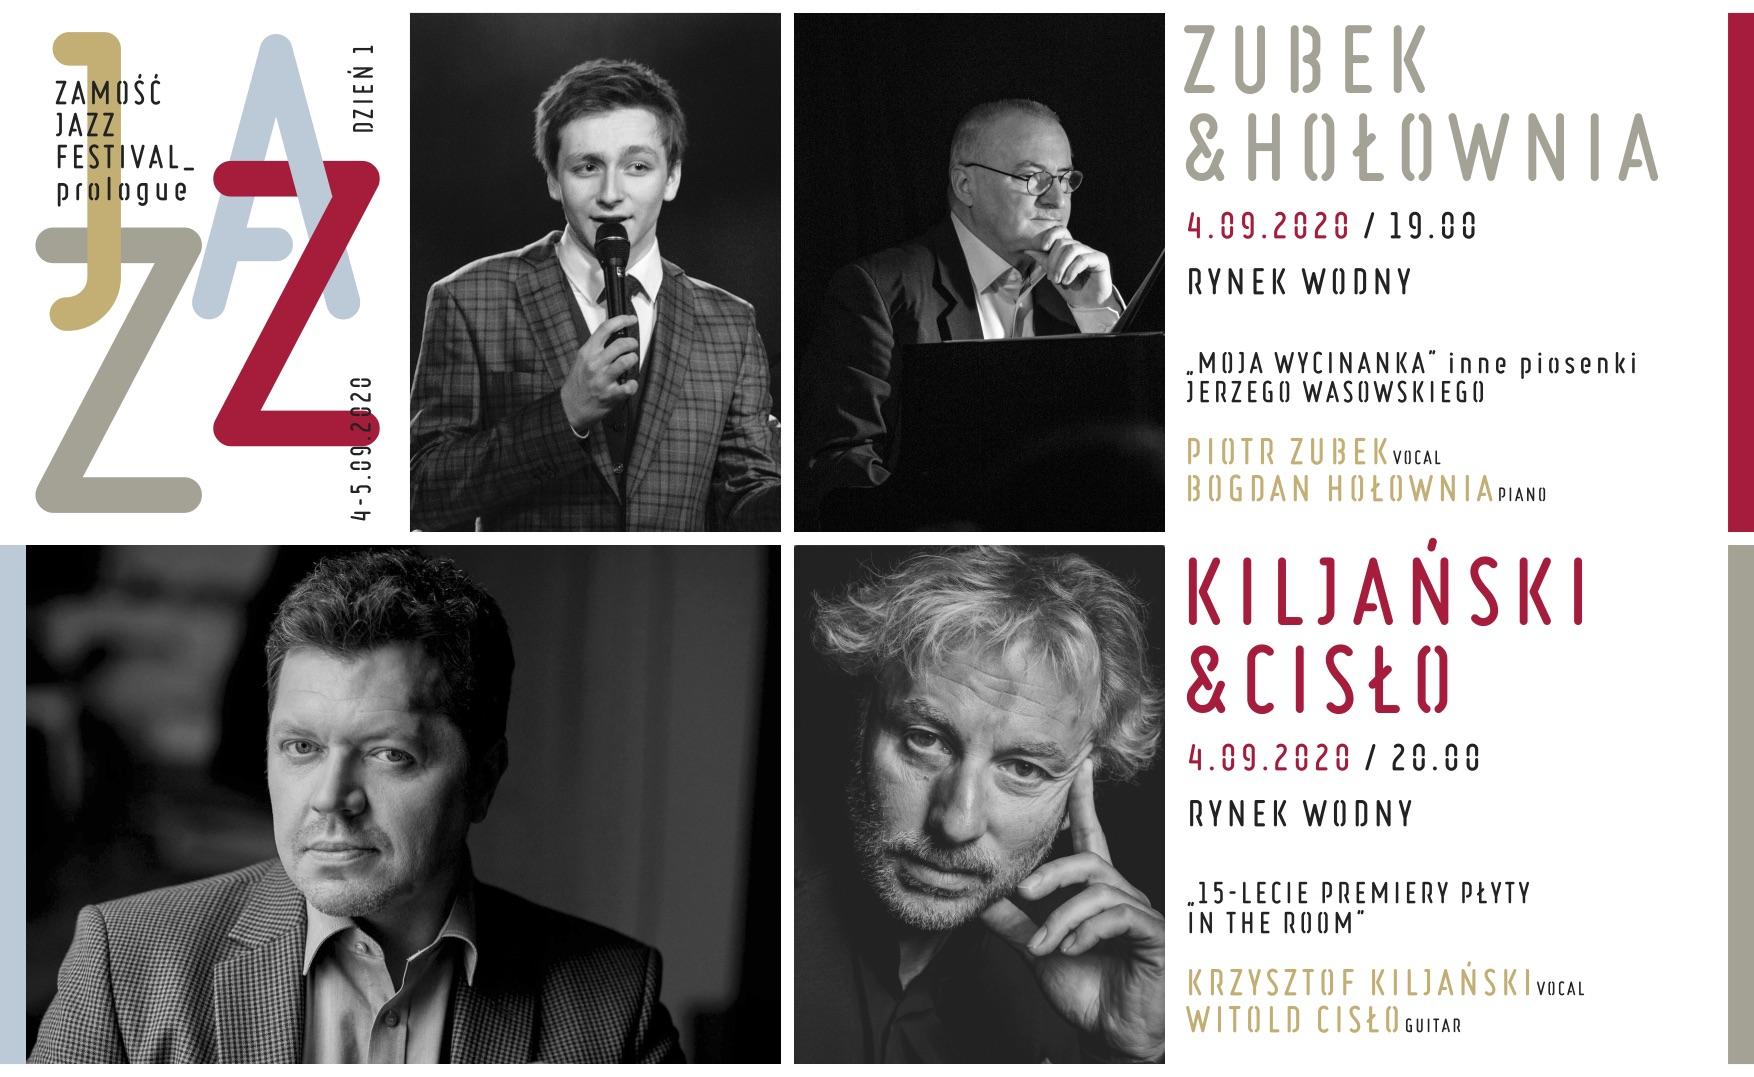 4 09 2020 internet 1 Wielkie święto jazzu w Zamościu. Przed nami ZAMOŚĆ JAZZ FESTIVAL prologue